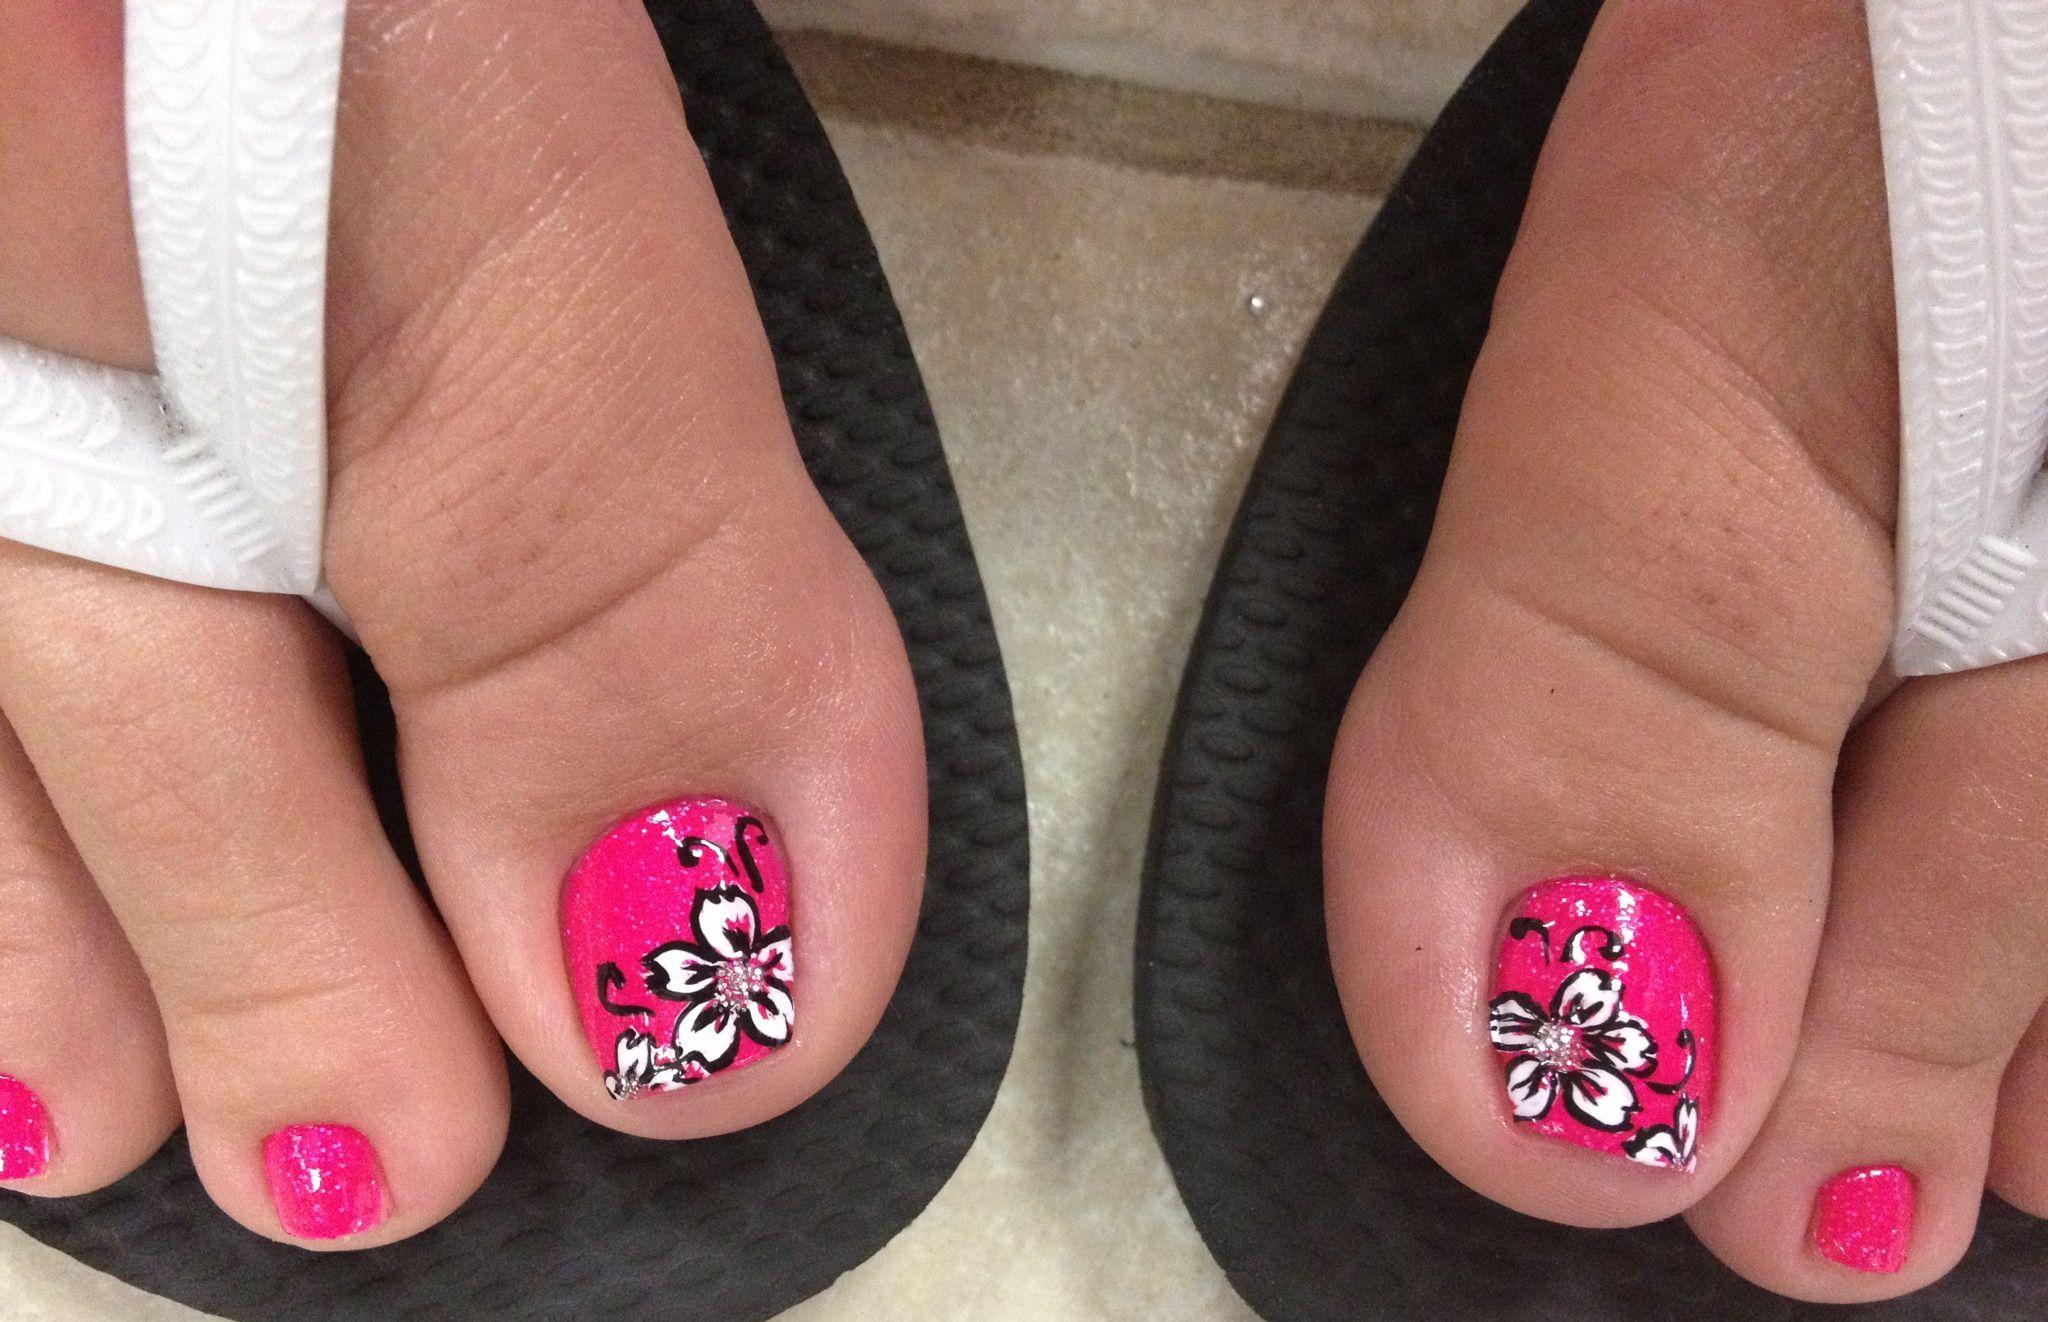 Pin By Jayme Ballance On Nails Flower Toe Nails Toe Nails Toe Nail Art